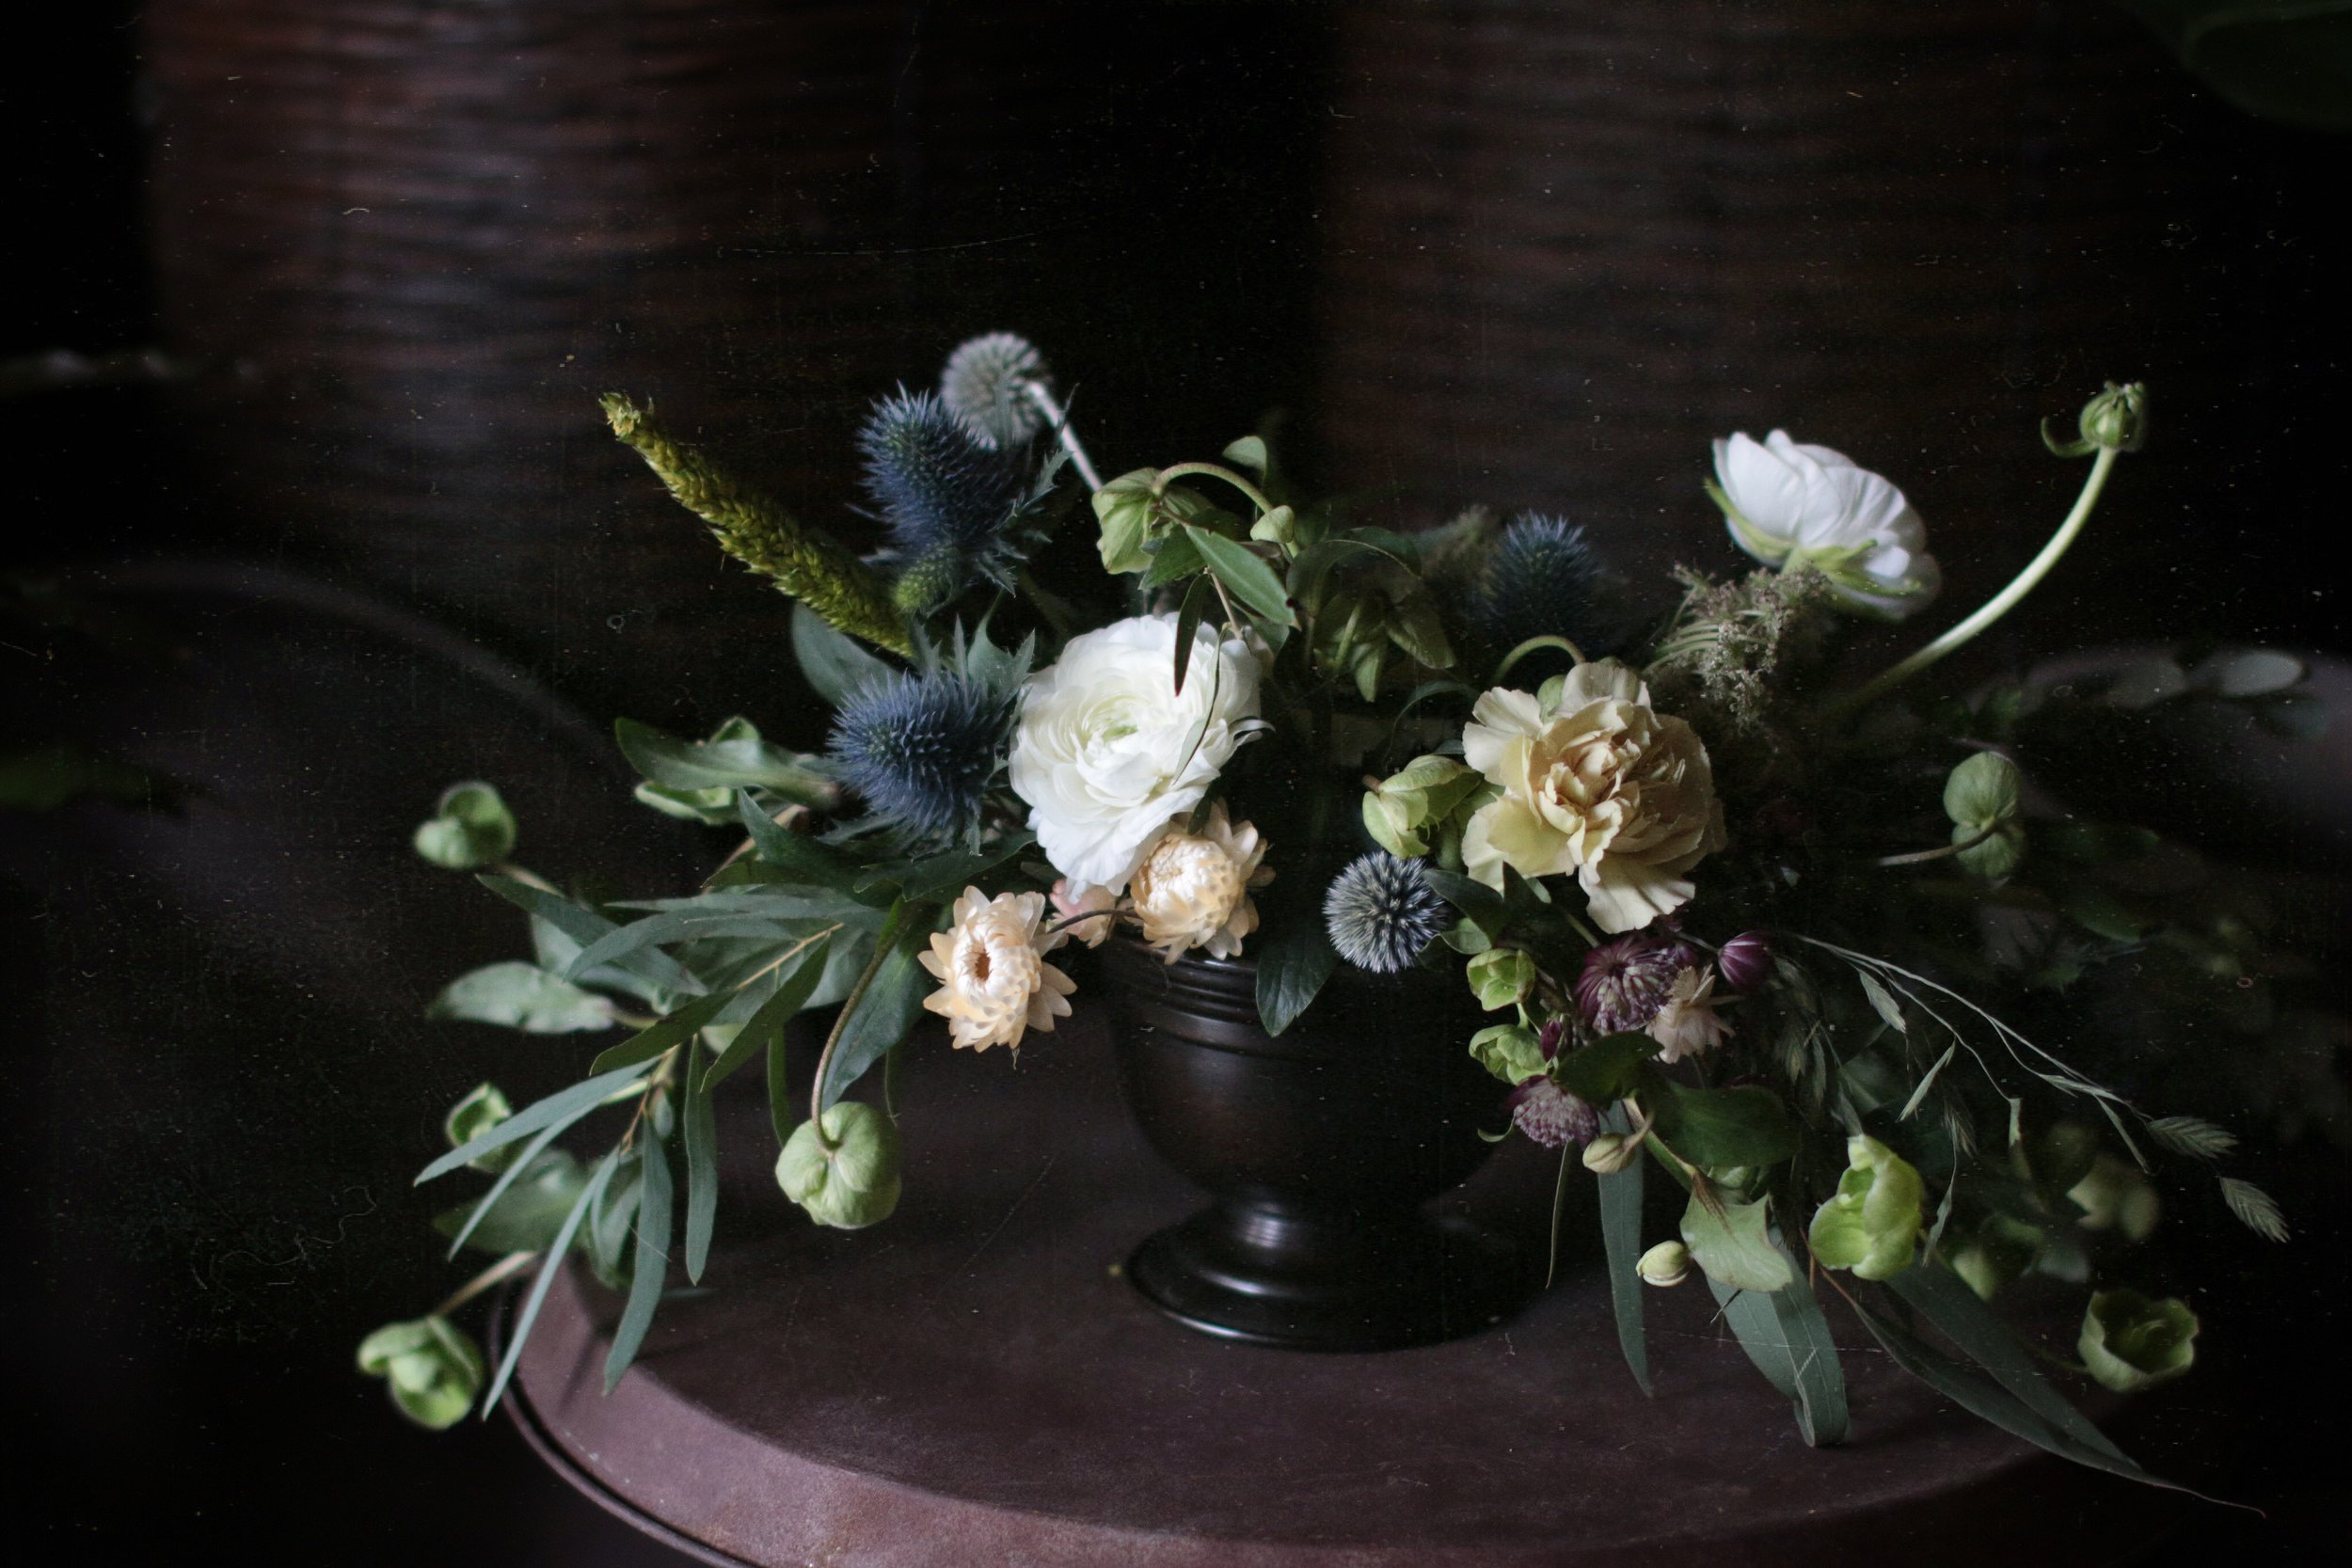 kullero, jouluruusu, uurnavaasiin kanaverkkotekniikalla kukka-asetelma, talvinen asetelma, kukkakauppa piia jaala